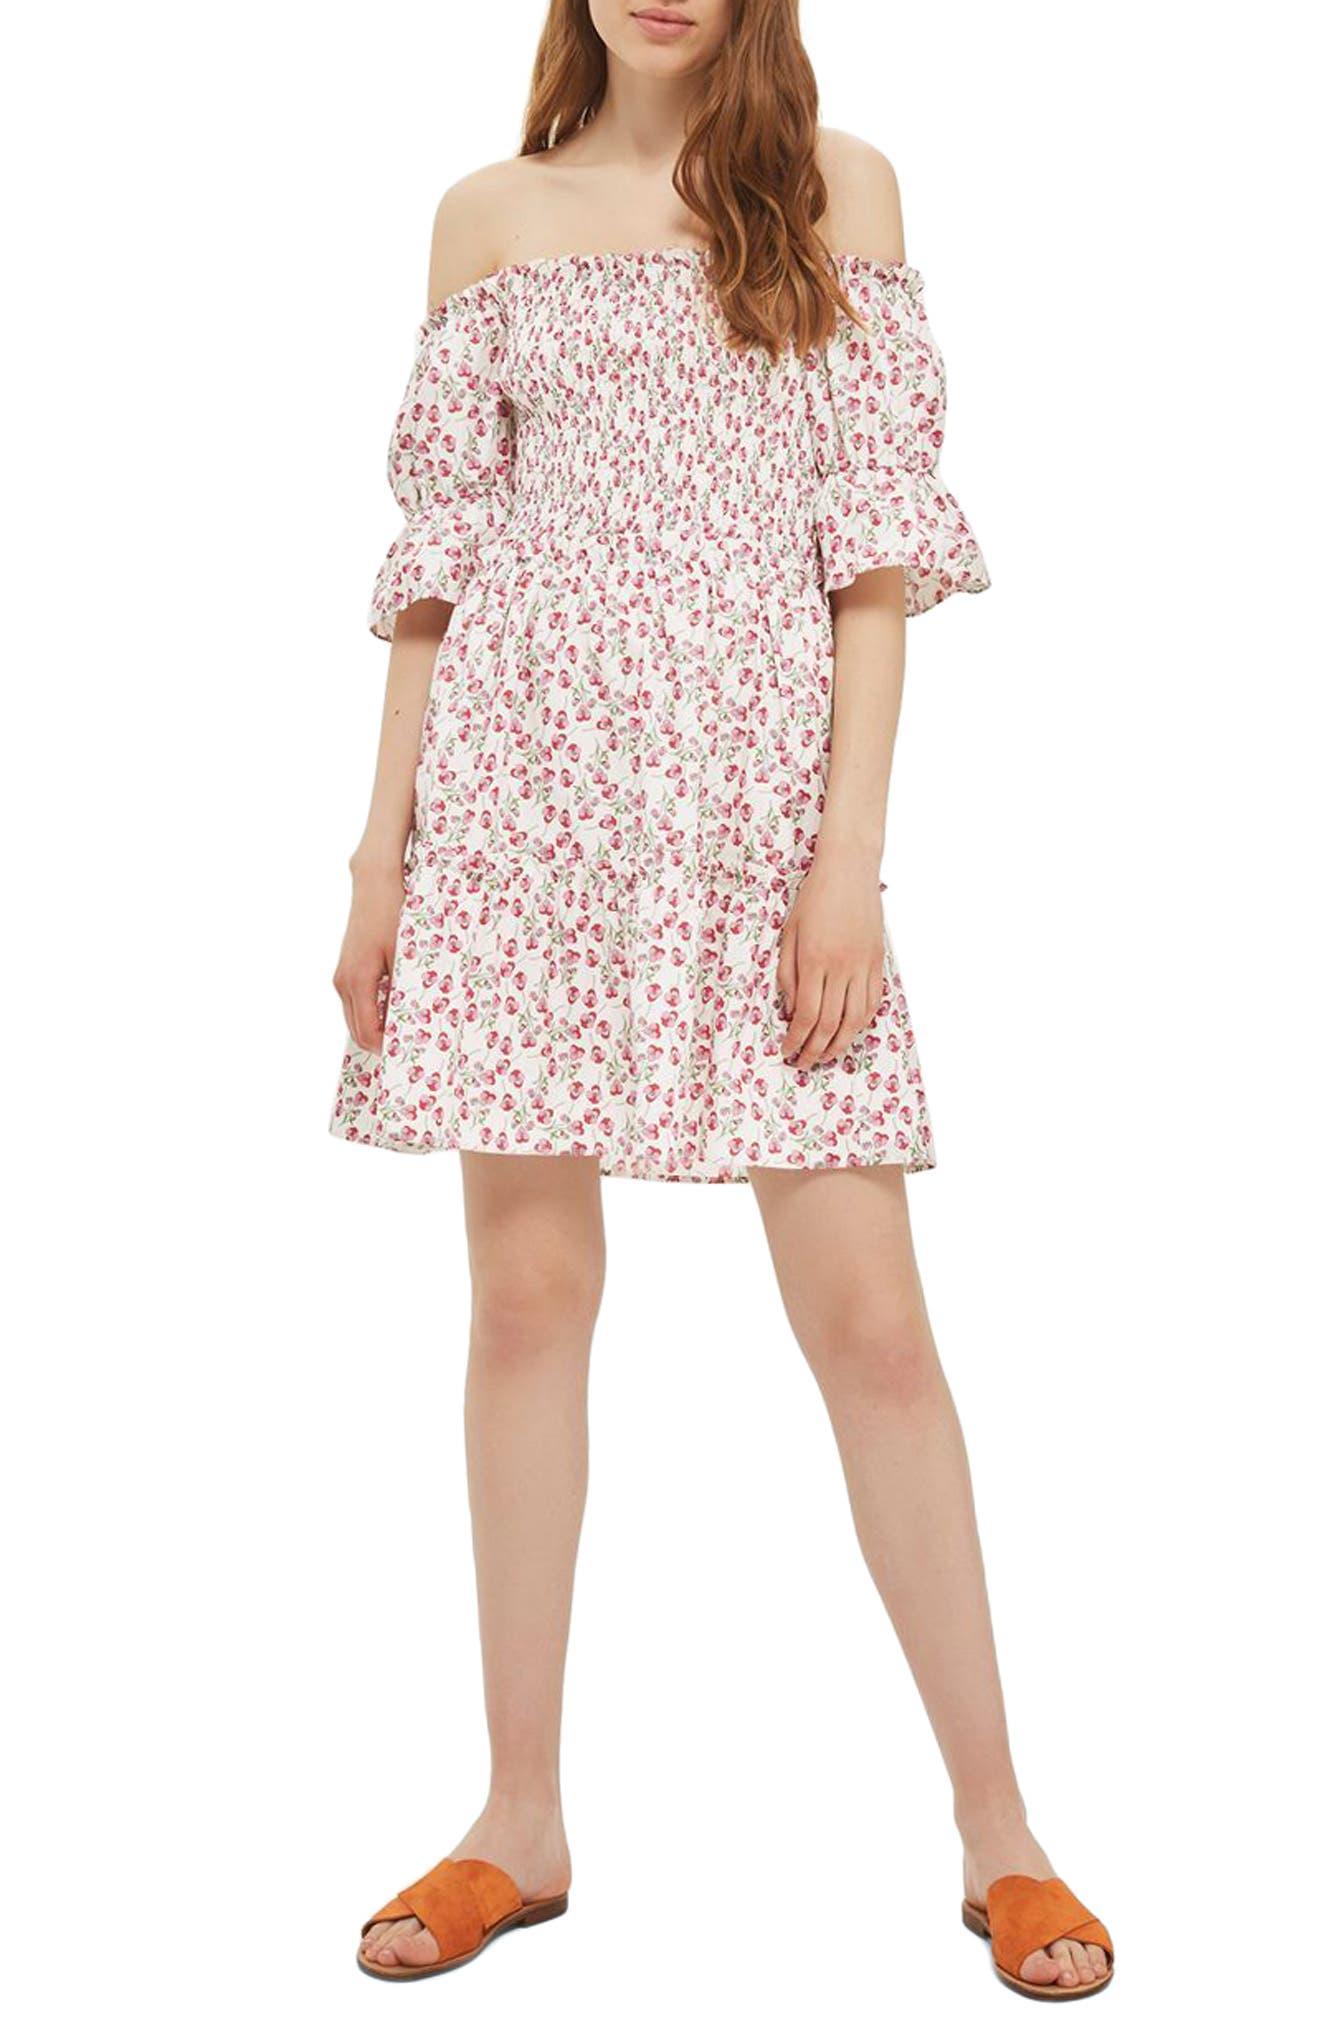 Topshop Liberty Print Off the Shoulder Dress